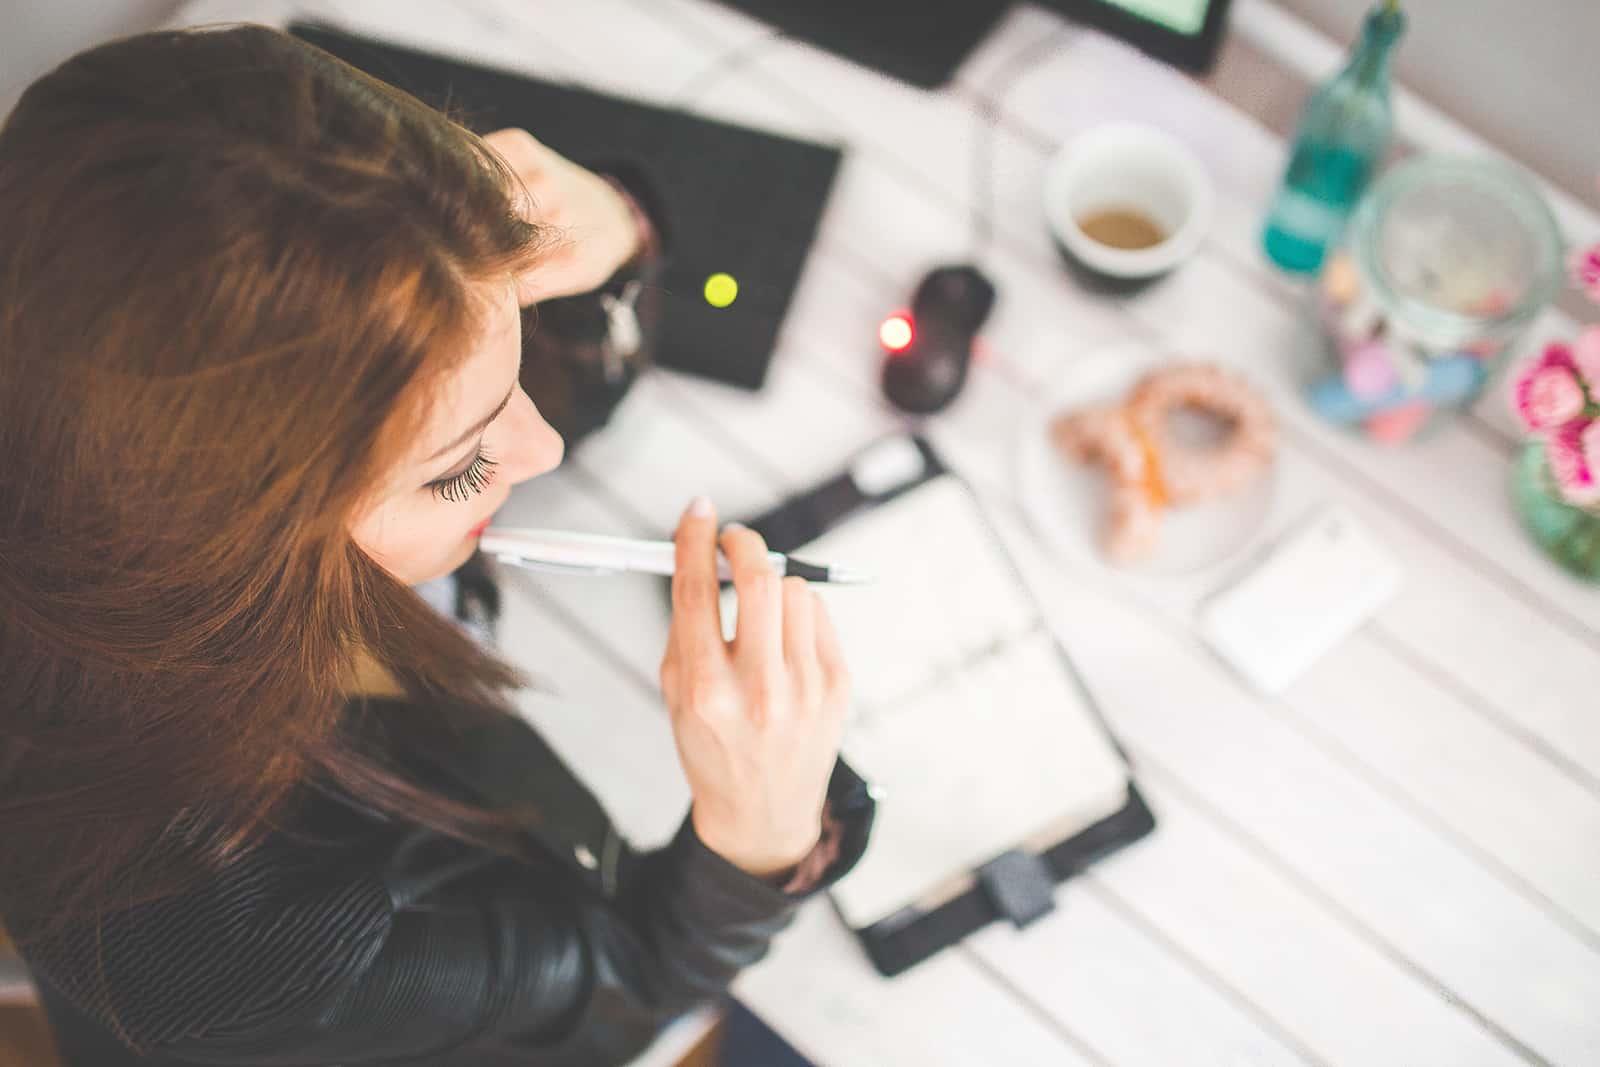 eine abgelenkte Frau, die einen Stift hält, während sie am Schreibtisch arbeitet